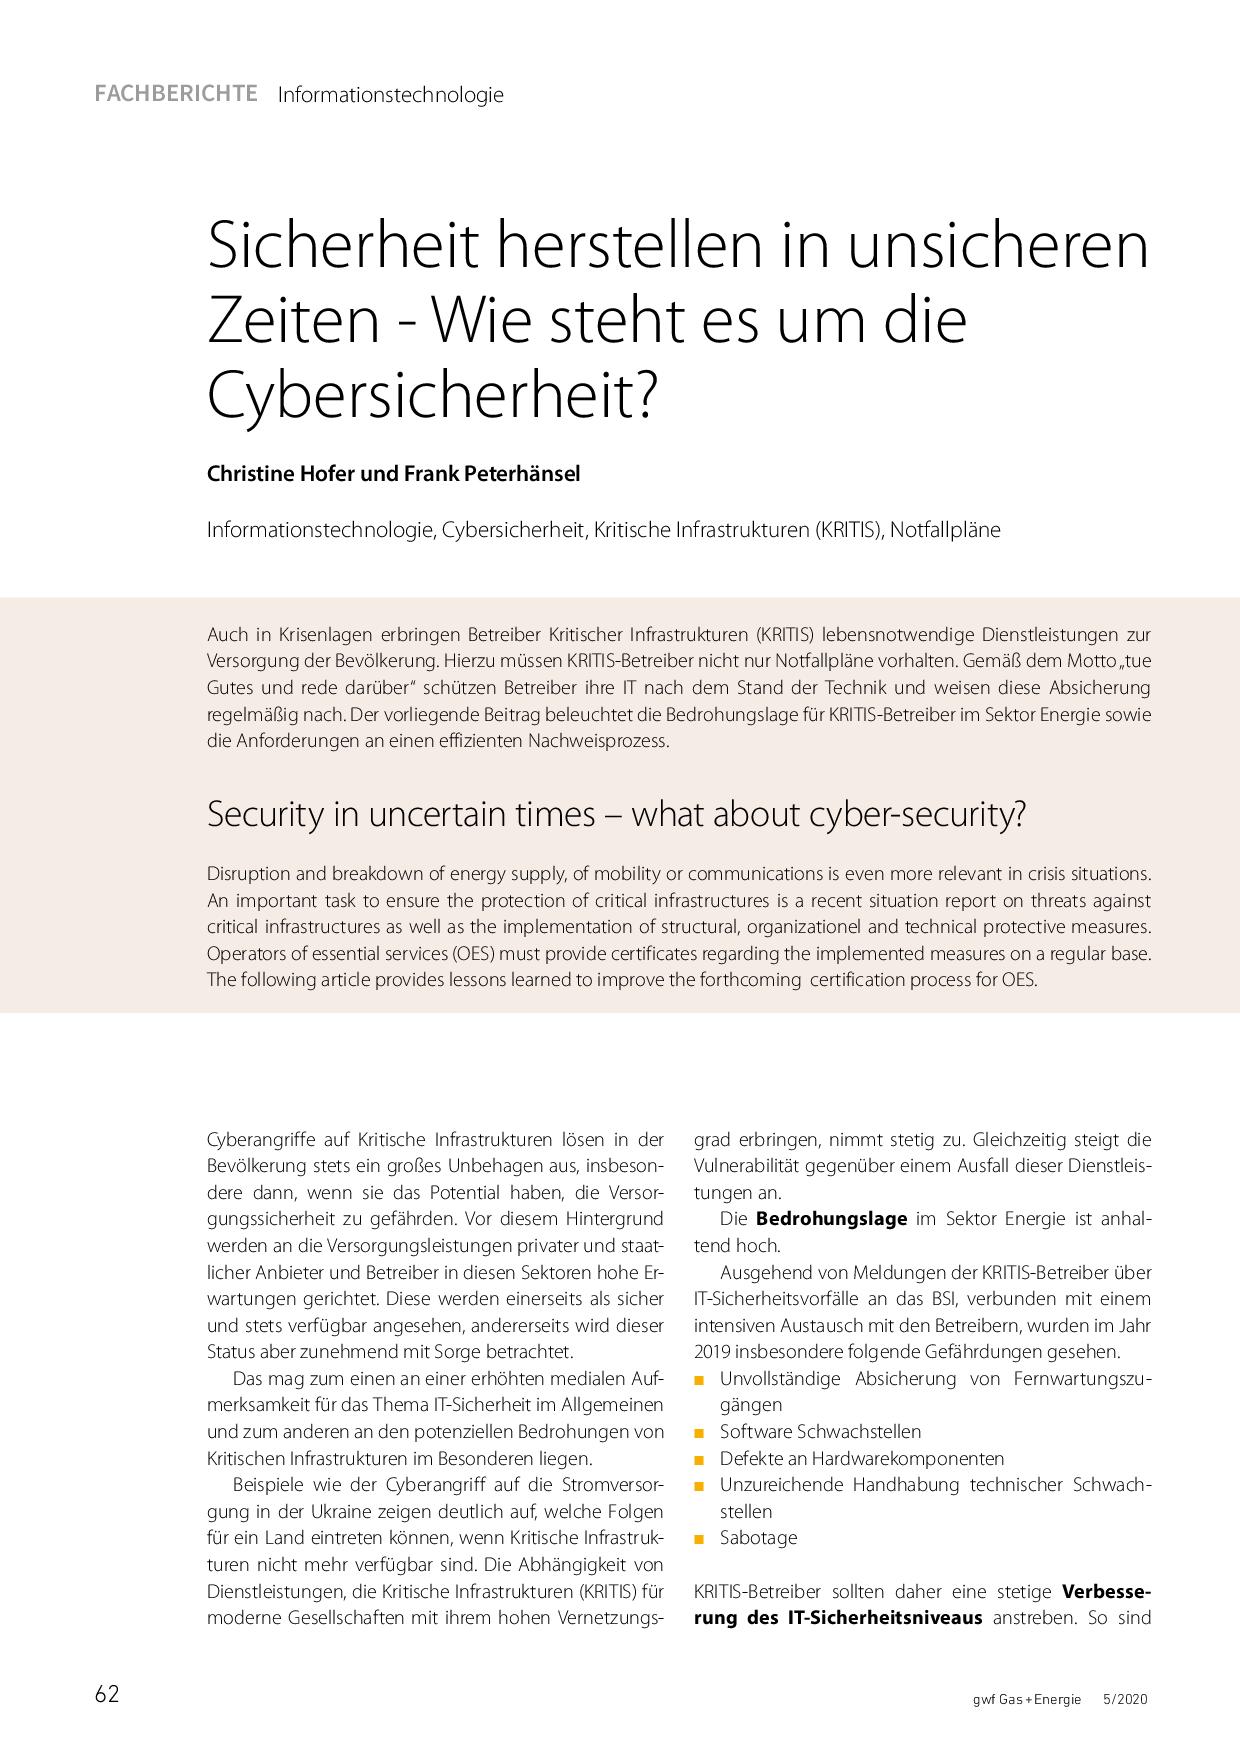 Sicherheit herstellen in unsicheren Zeiten – Wie steht es um die Cybersicherheit?